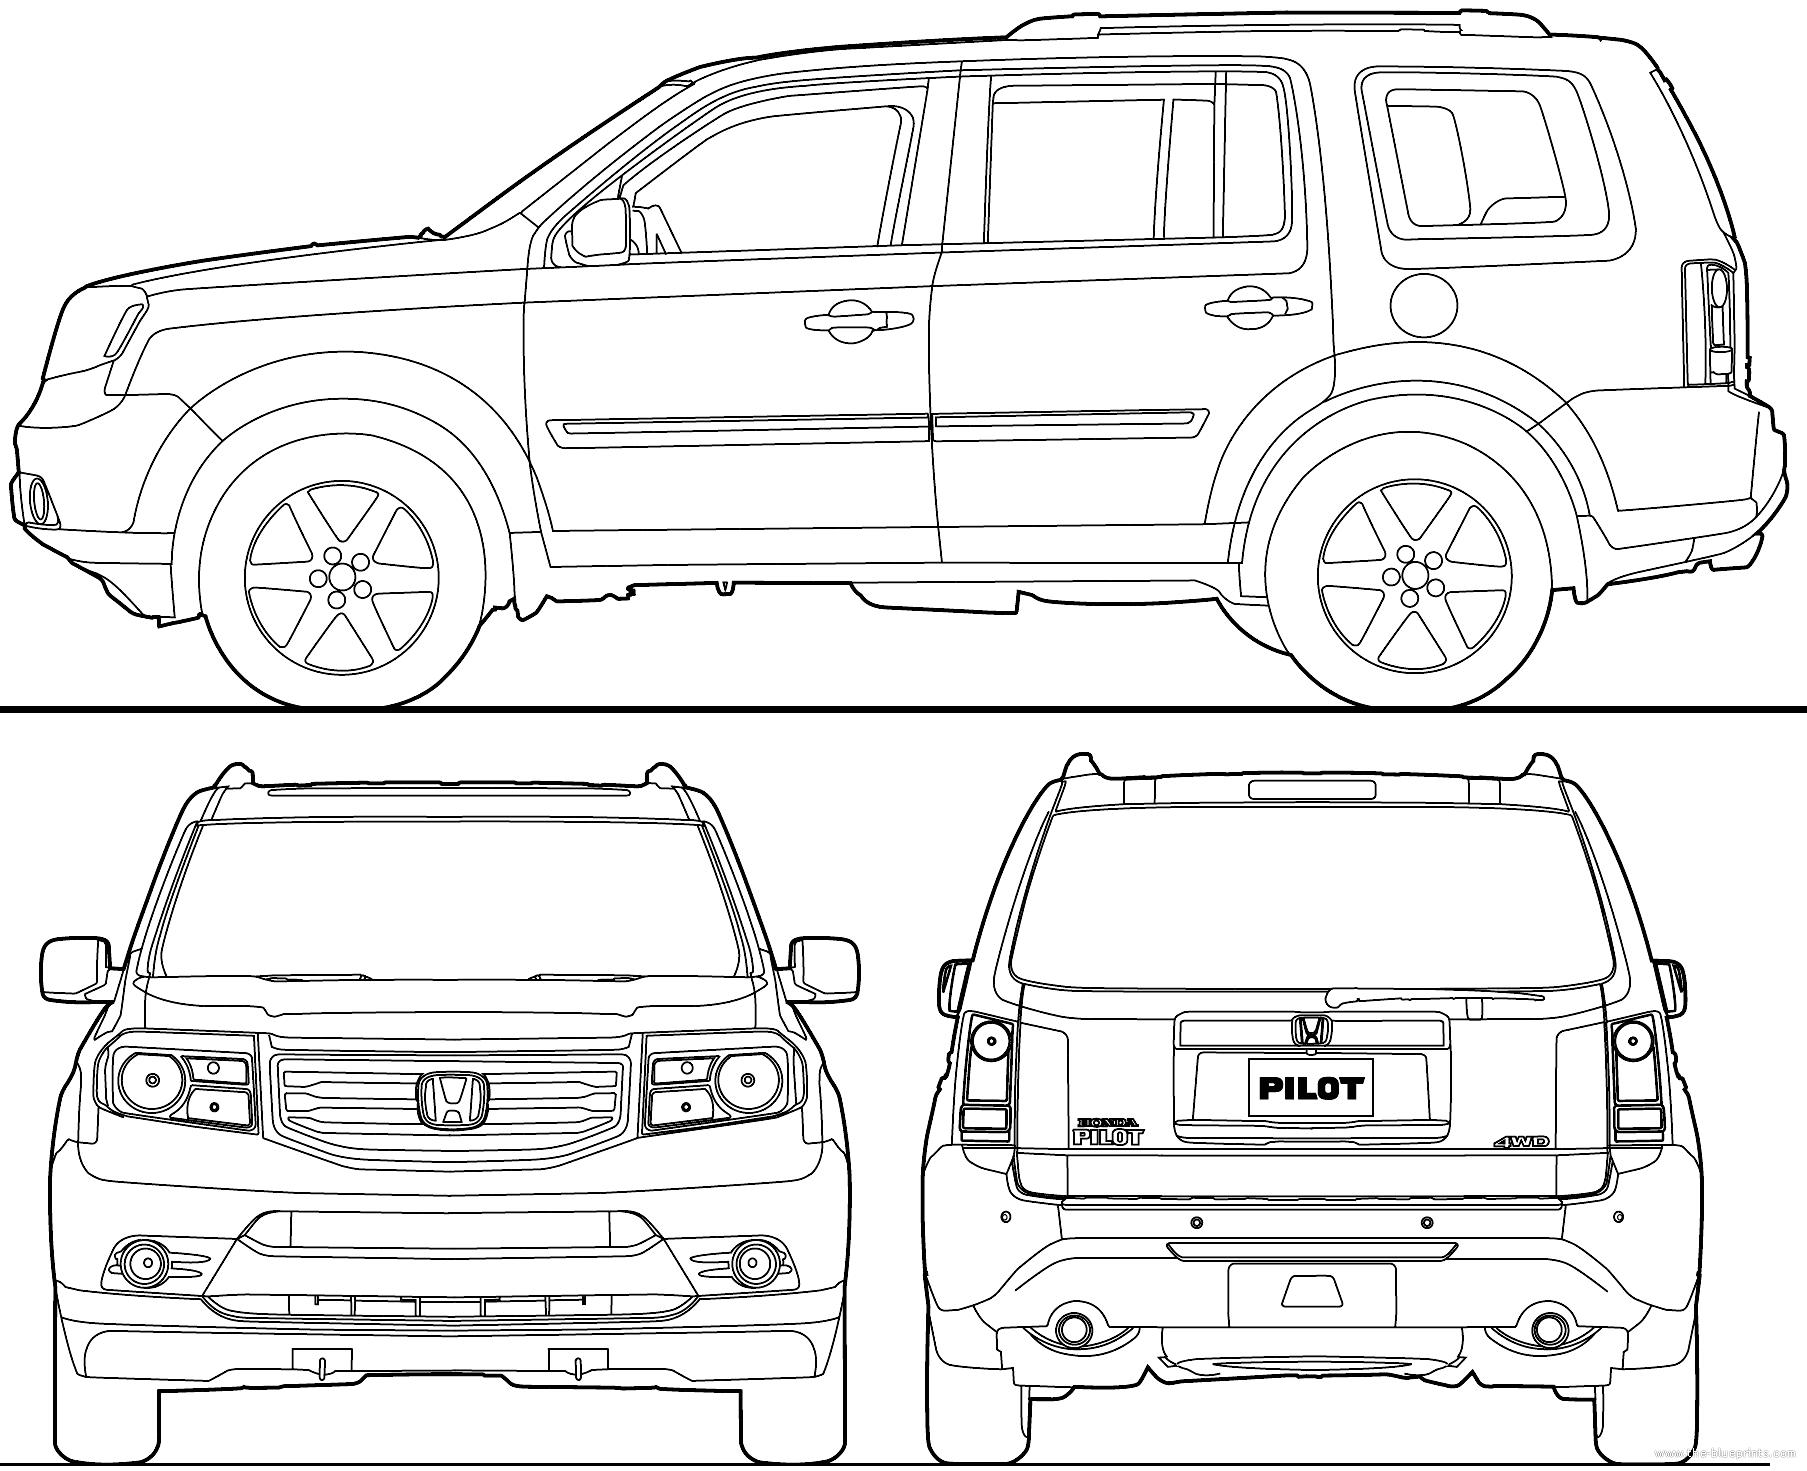 Blueprints > Cars > Honda > Honda Pilot (2013)